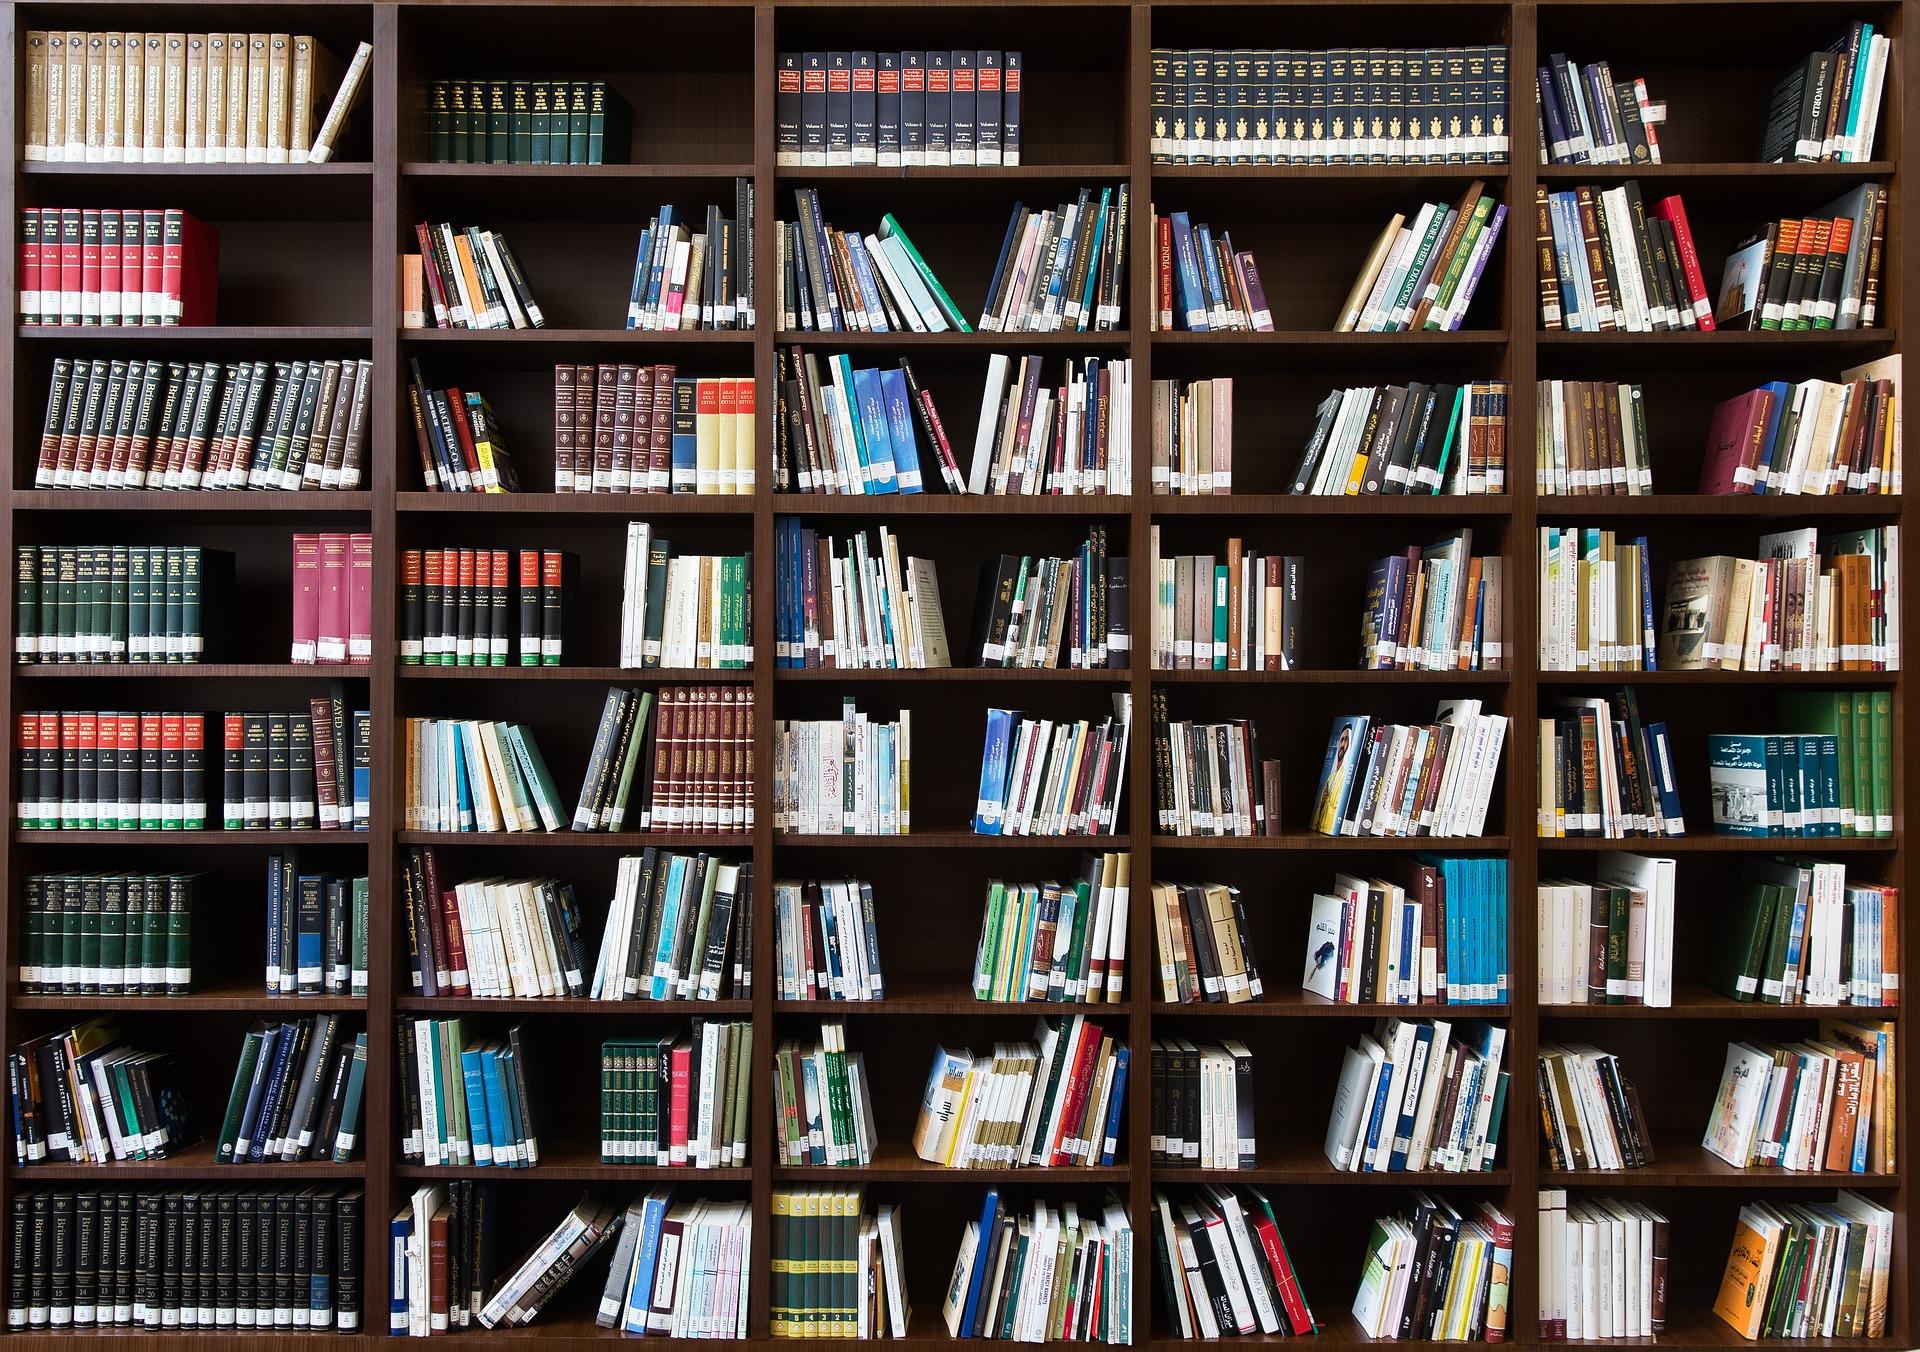 Biblioteka Publiczna w Gdańsku – filie